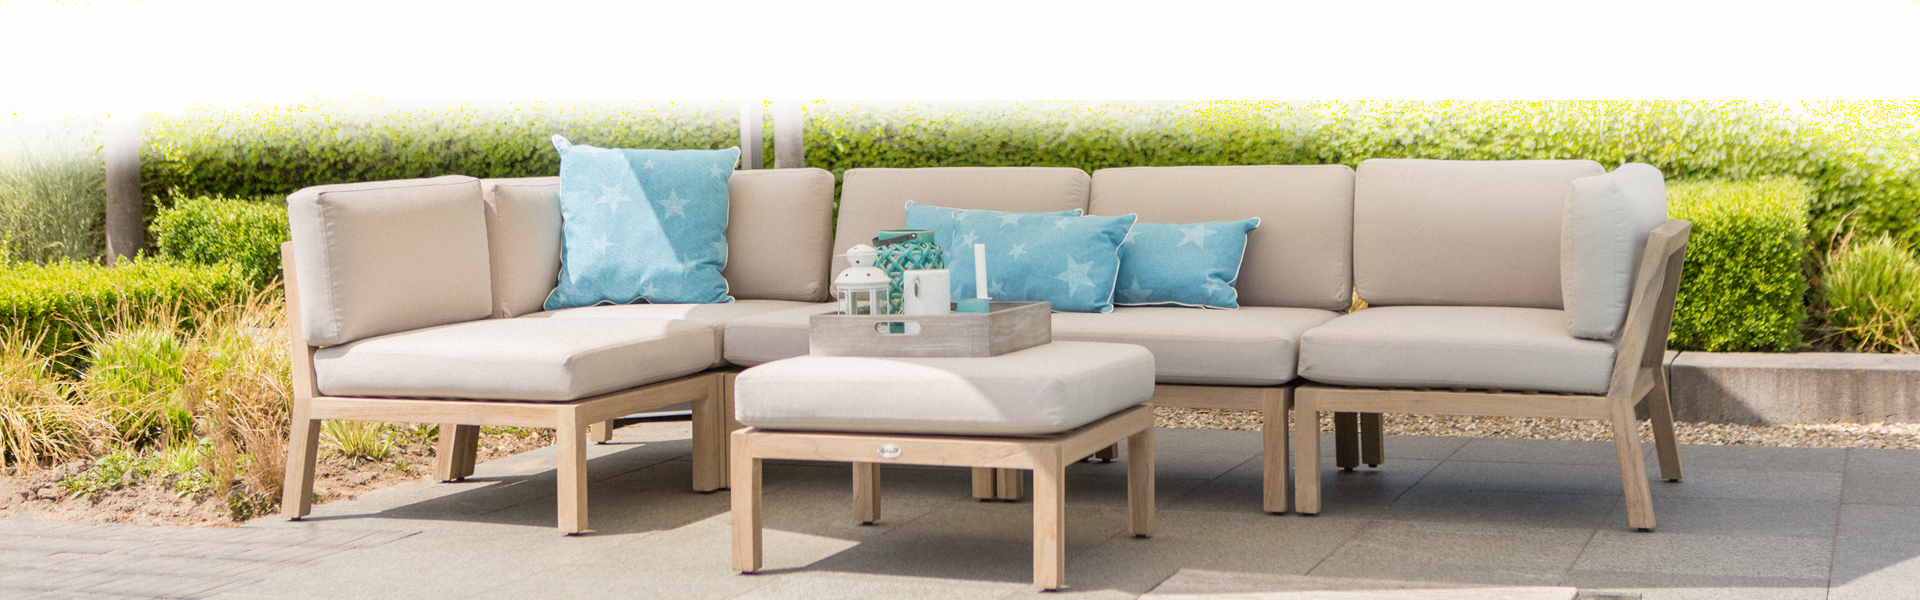 Záhradný nábytok Obi